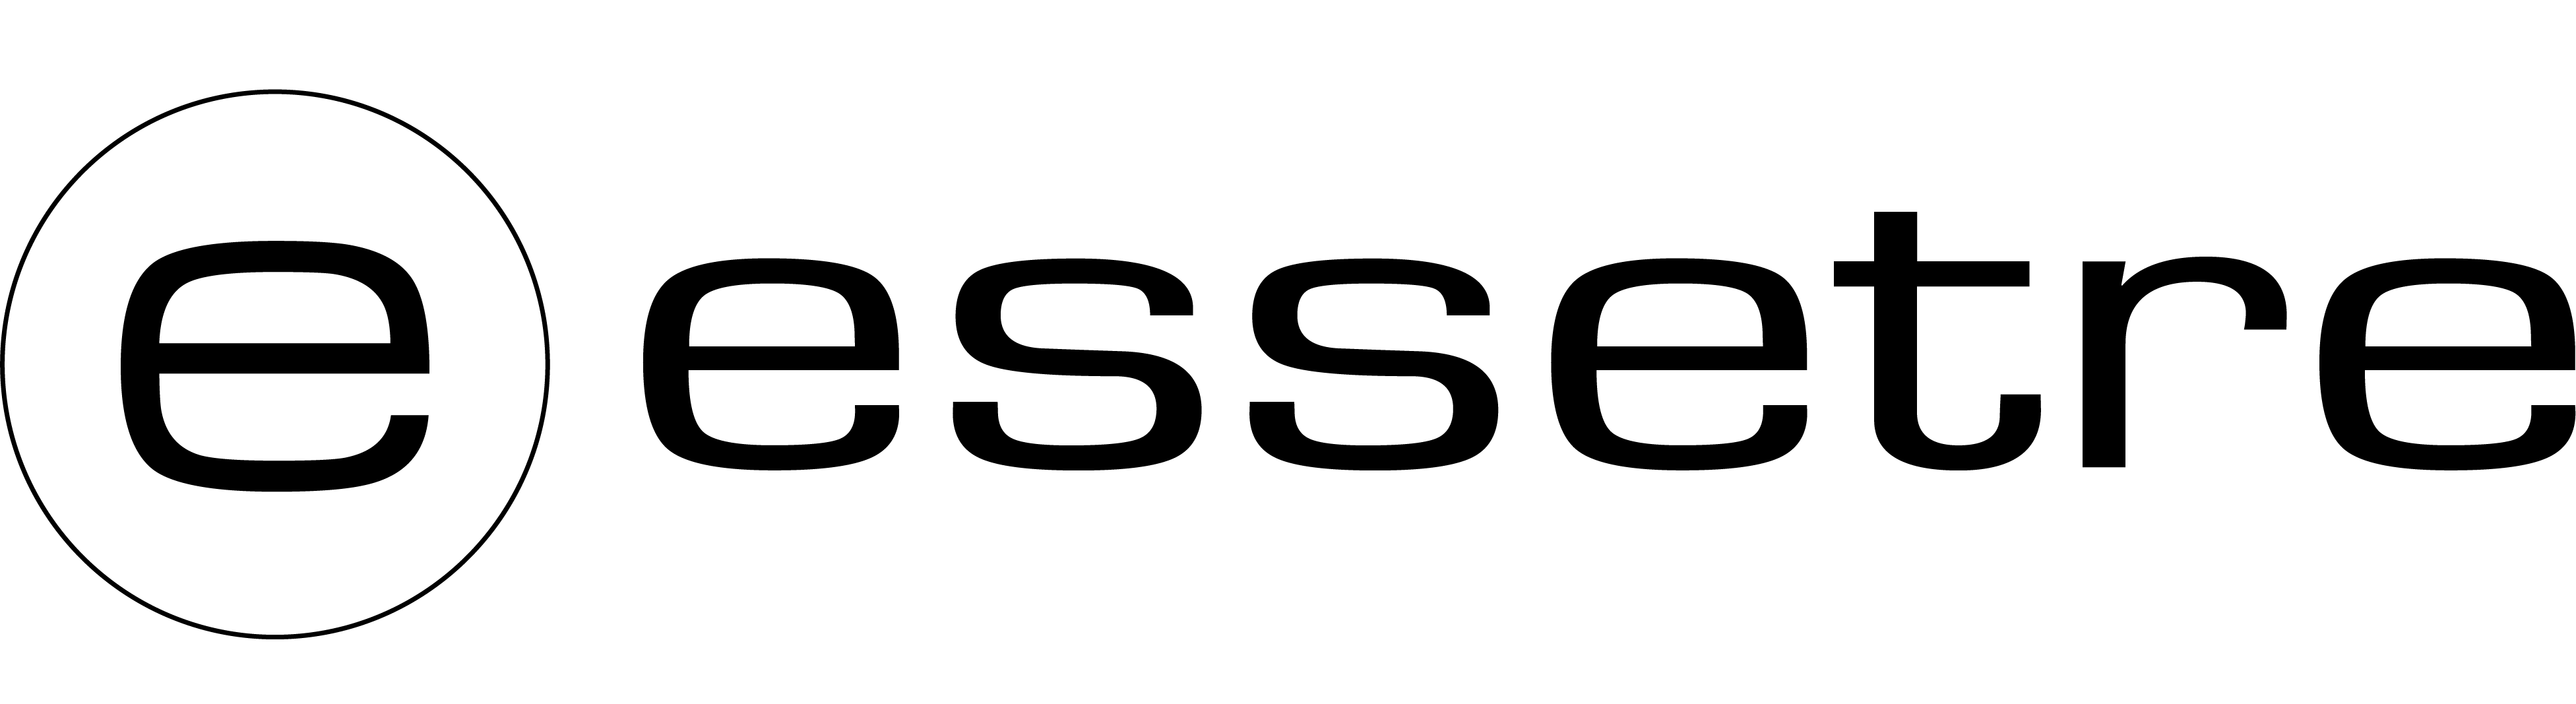 essetre srl logo agenzia web Asti